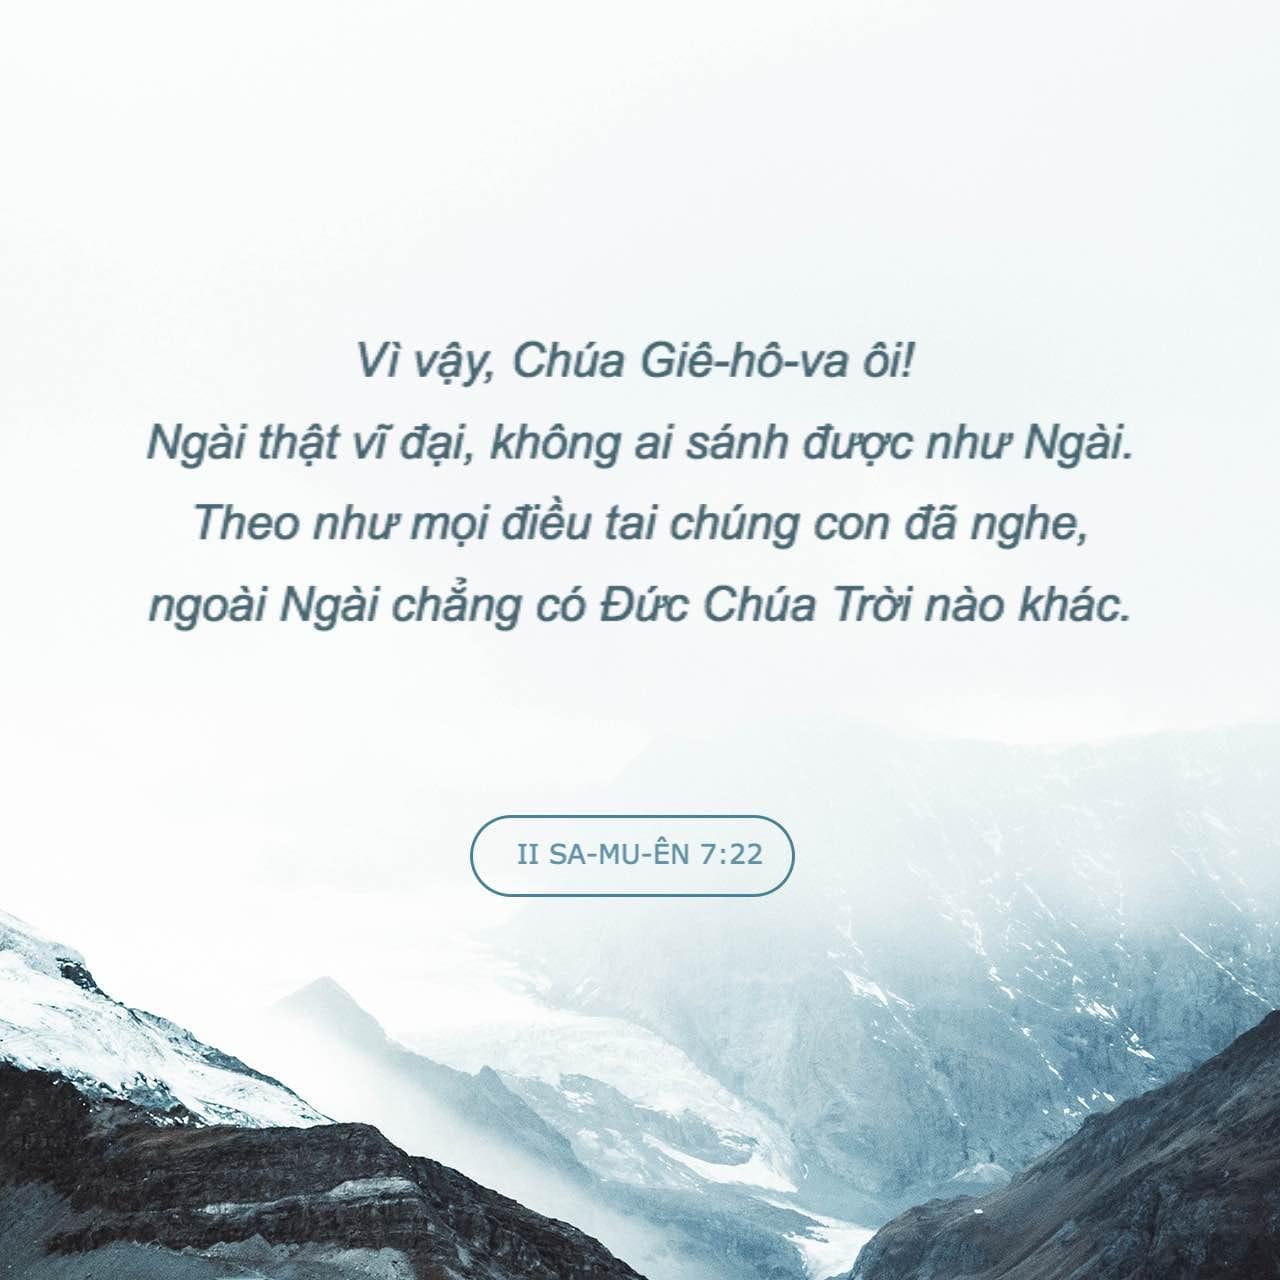 II Sa-mu-ên 7:22 Vì vậy, Giê-hô-va Đức Chúa Trời ôi! Ngài là rất lớn, chẳng  có ai giống như Ngài, và chẳng có Đức Chúa Trời nào khác hơn Ngài, ...